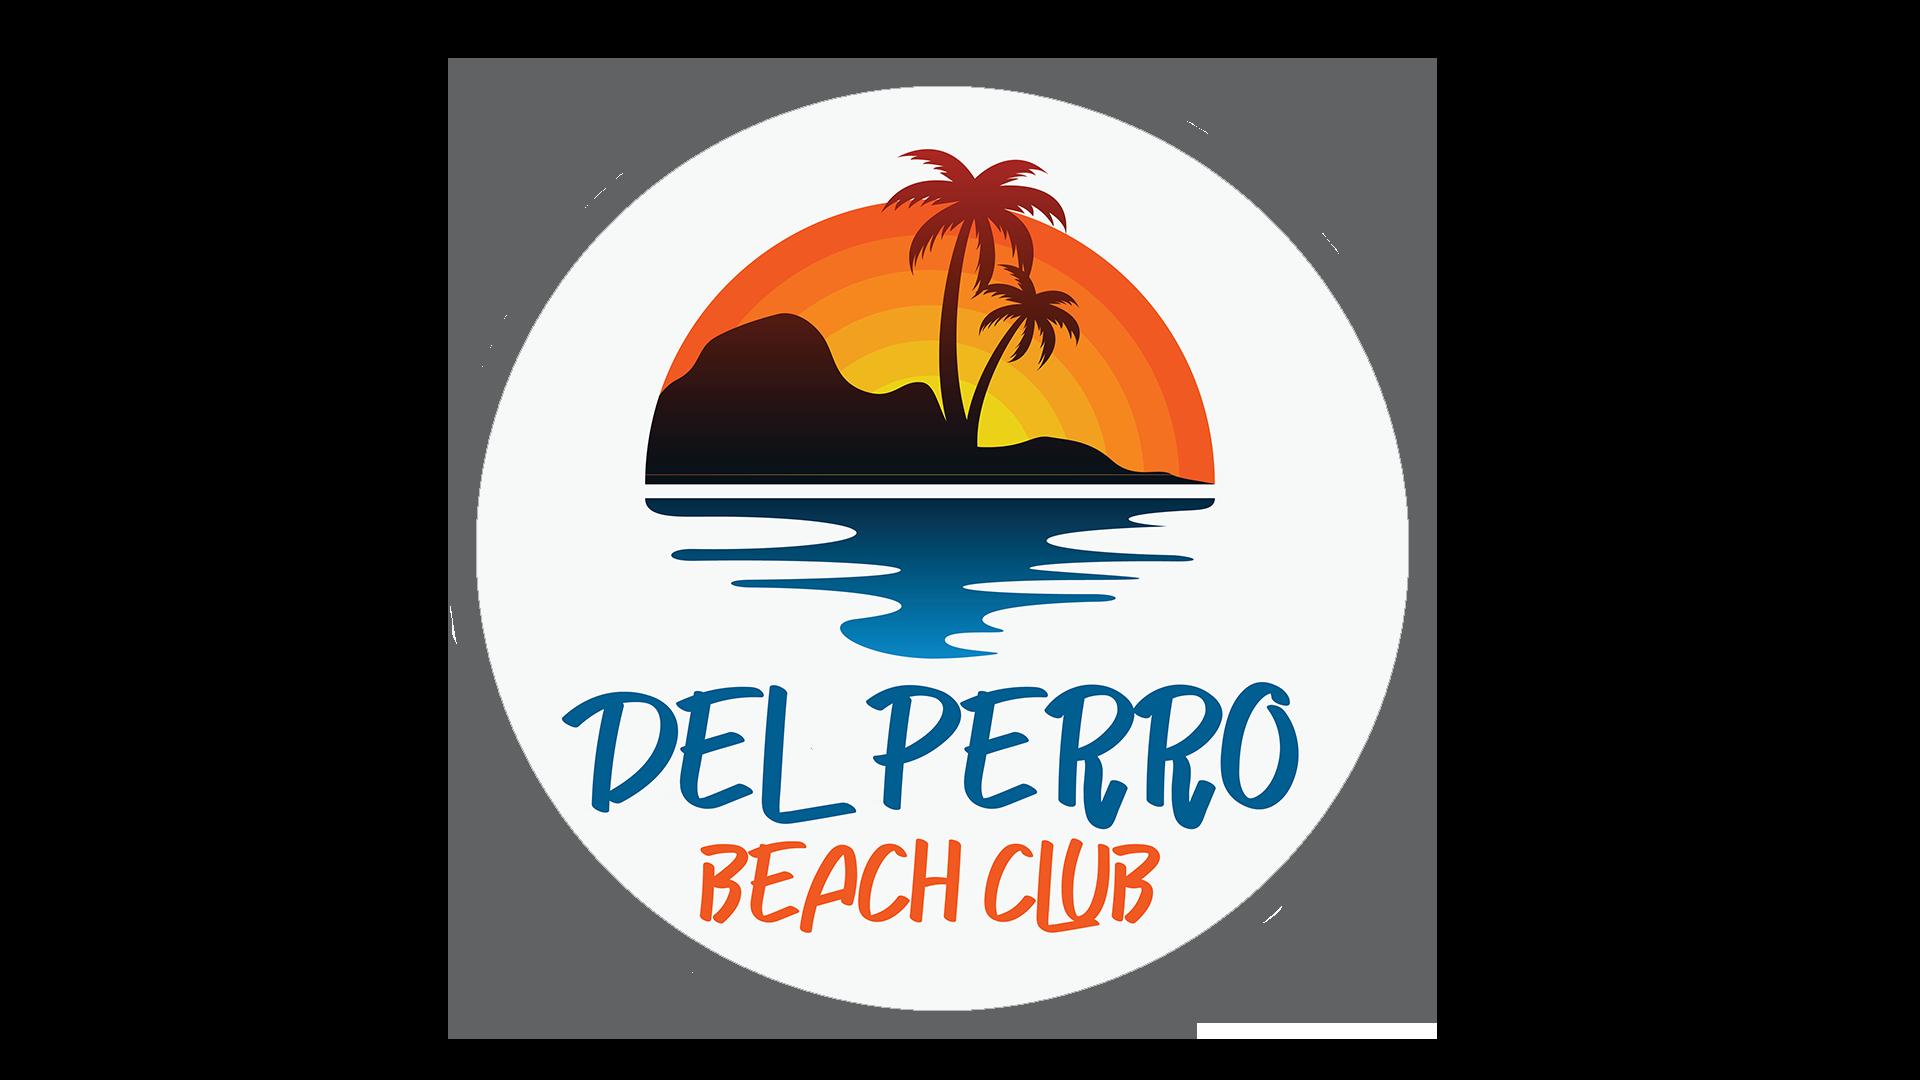 Del Perro Beach Club